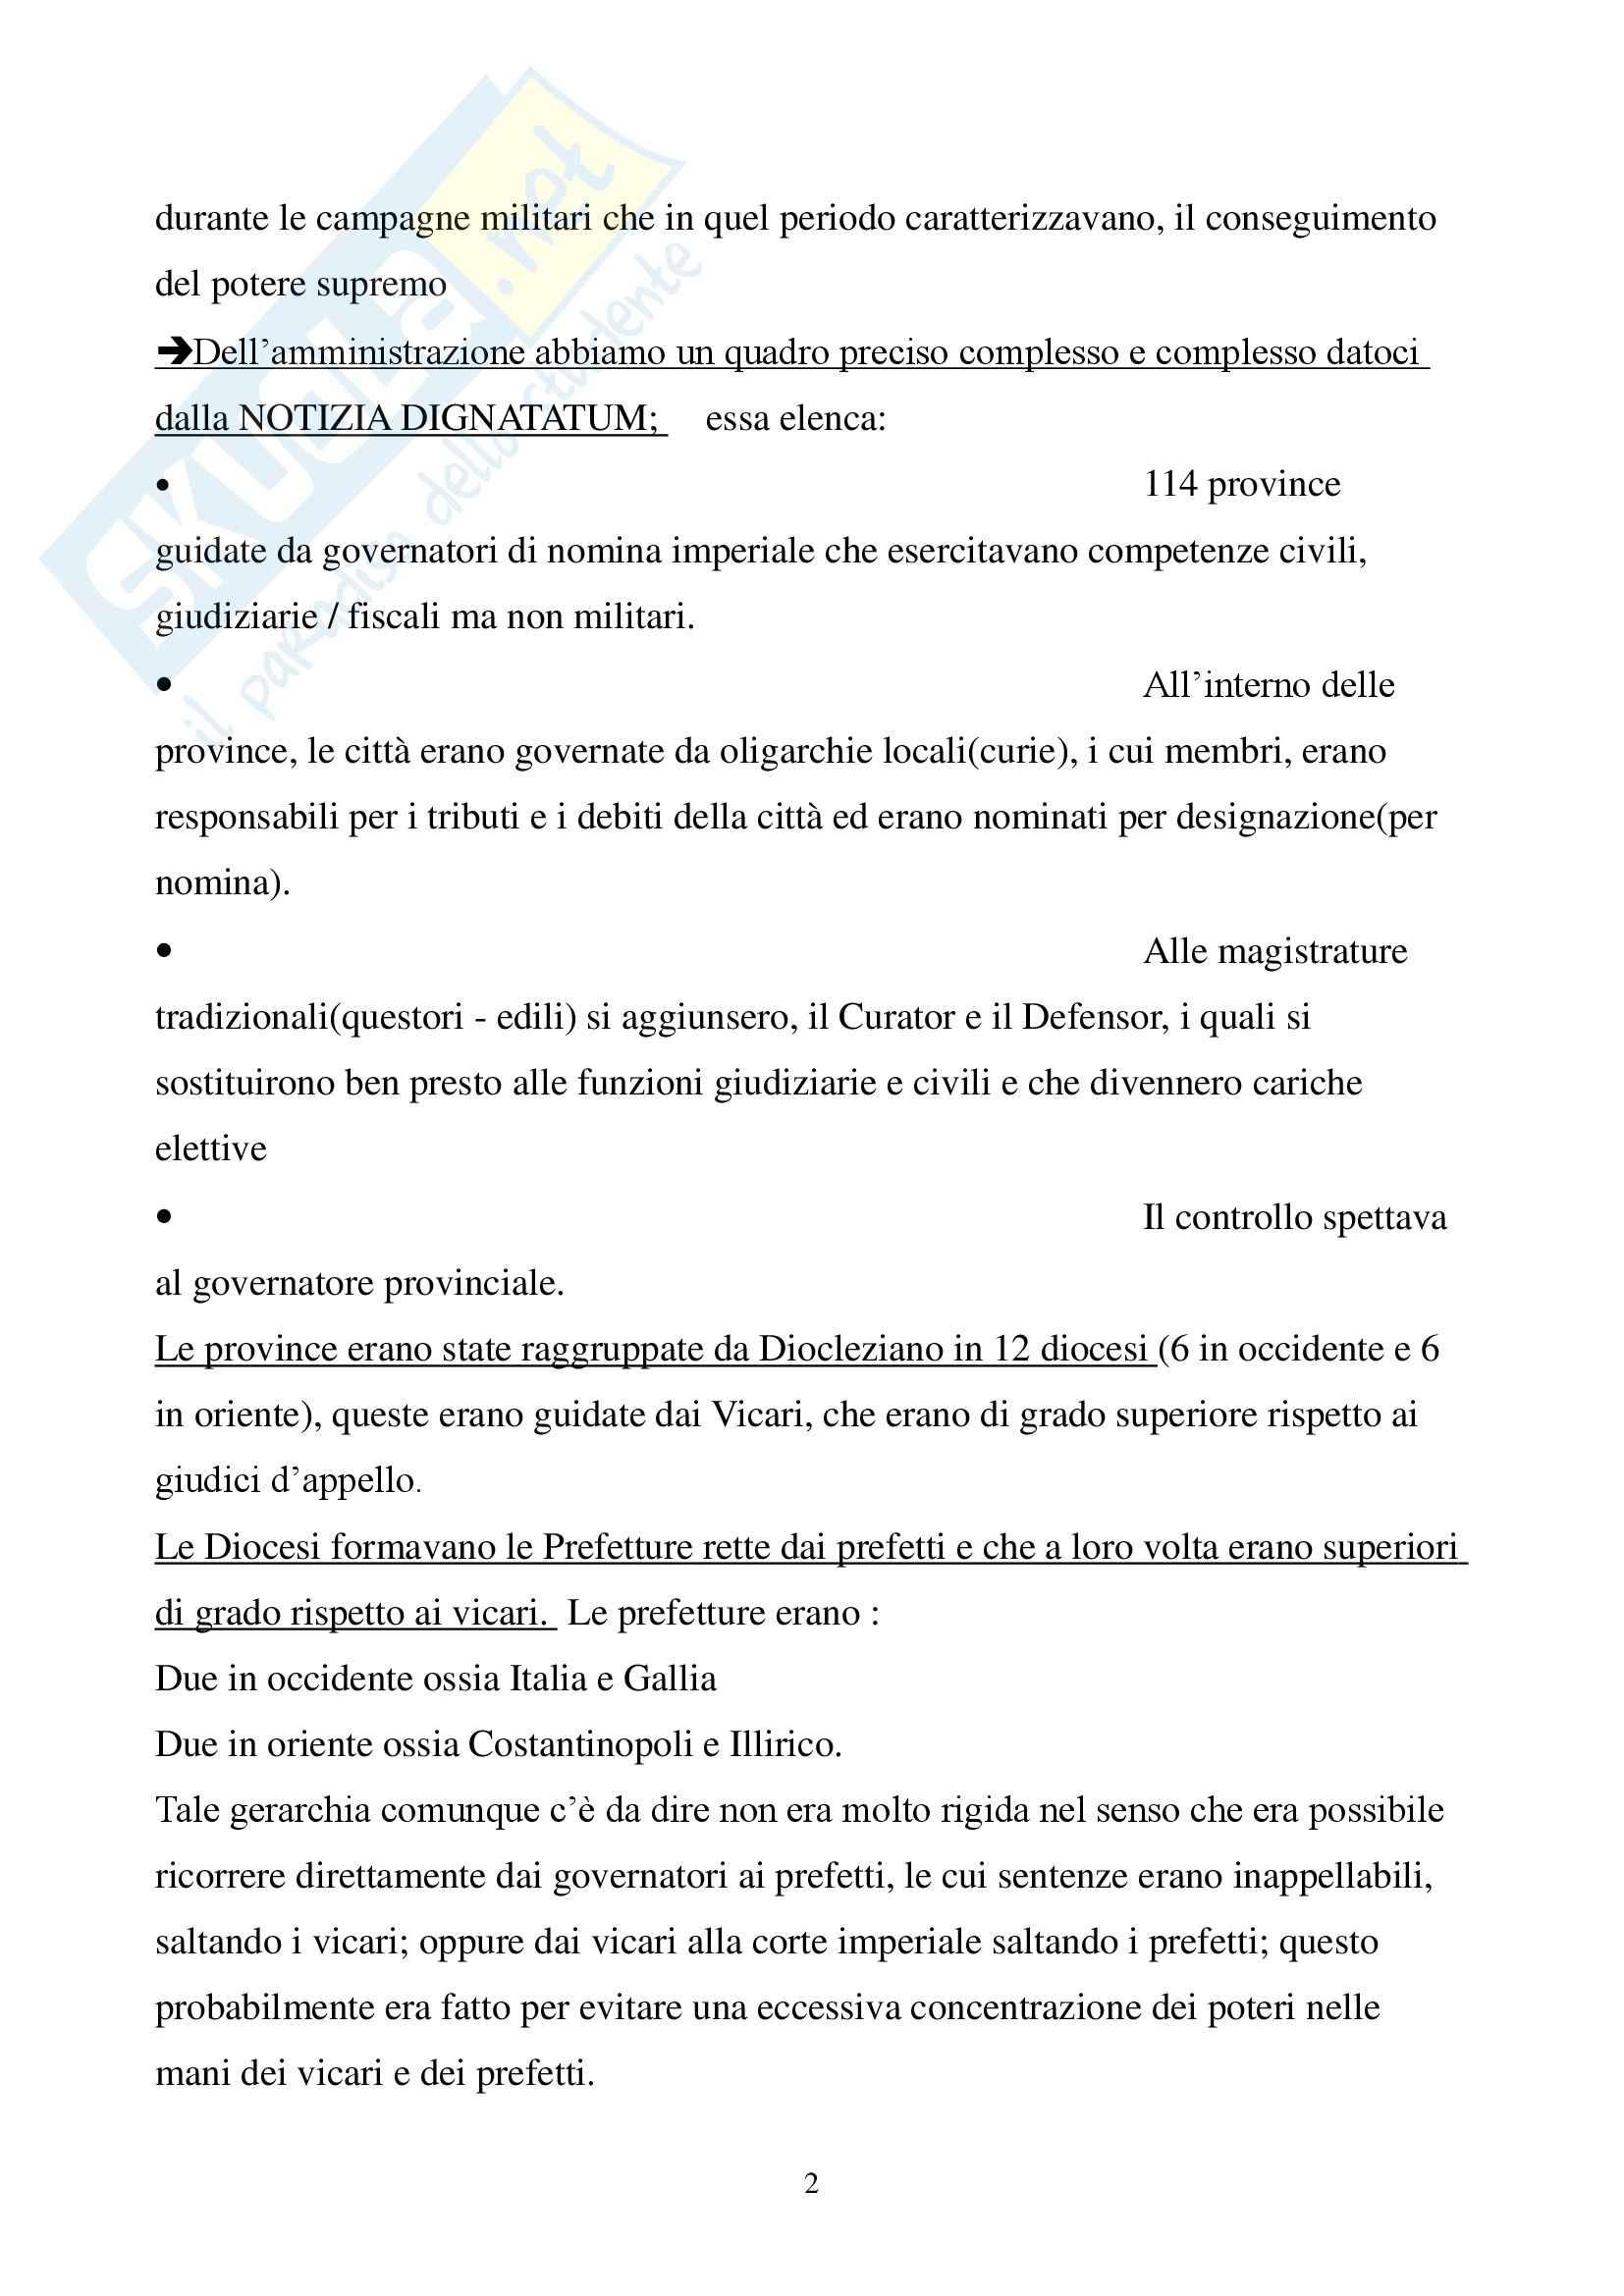 Storia del diritto italiano - età tardo antica - Appunti Pag. 2